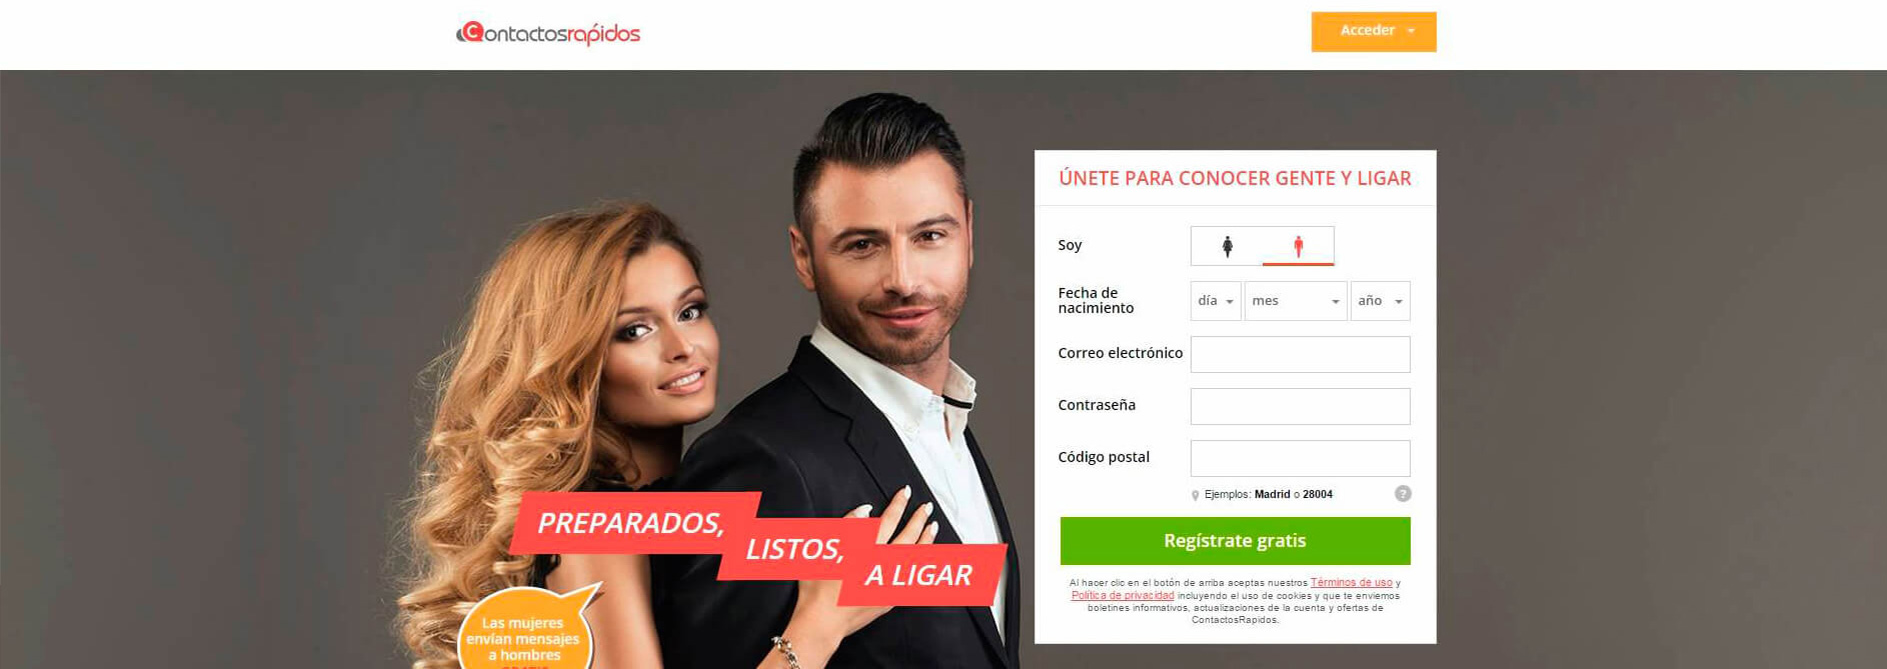 paginas para conocer gente en latinoamerica